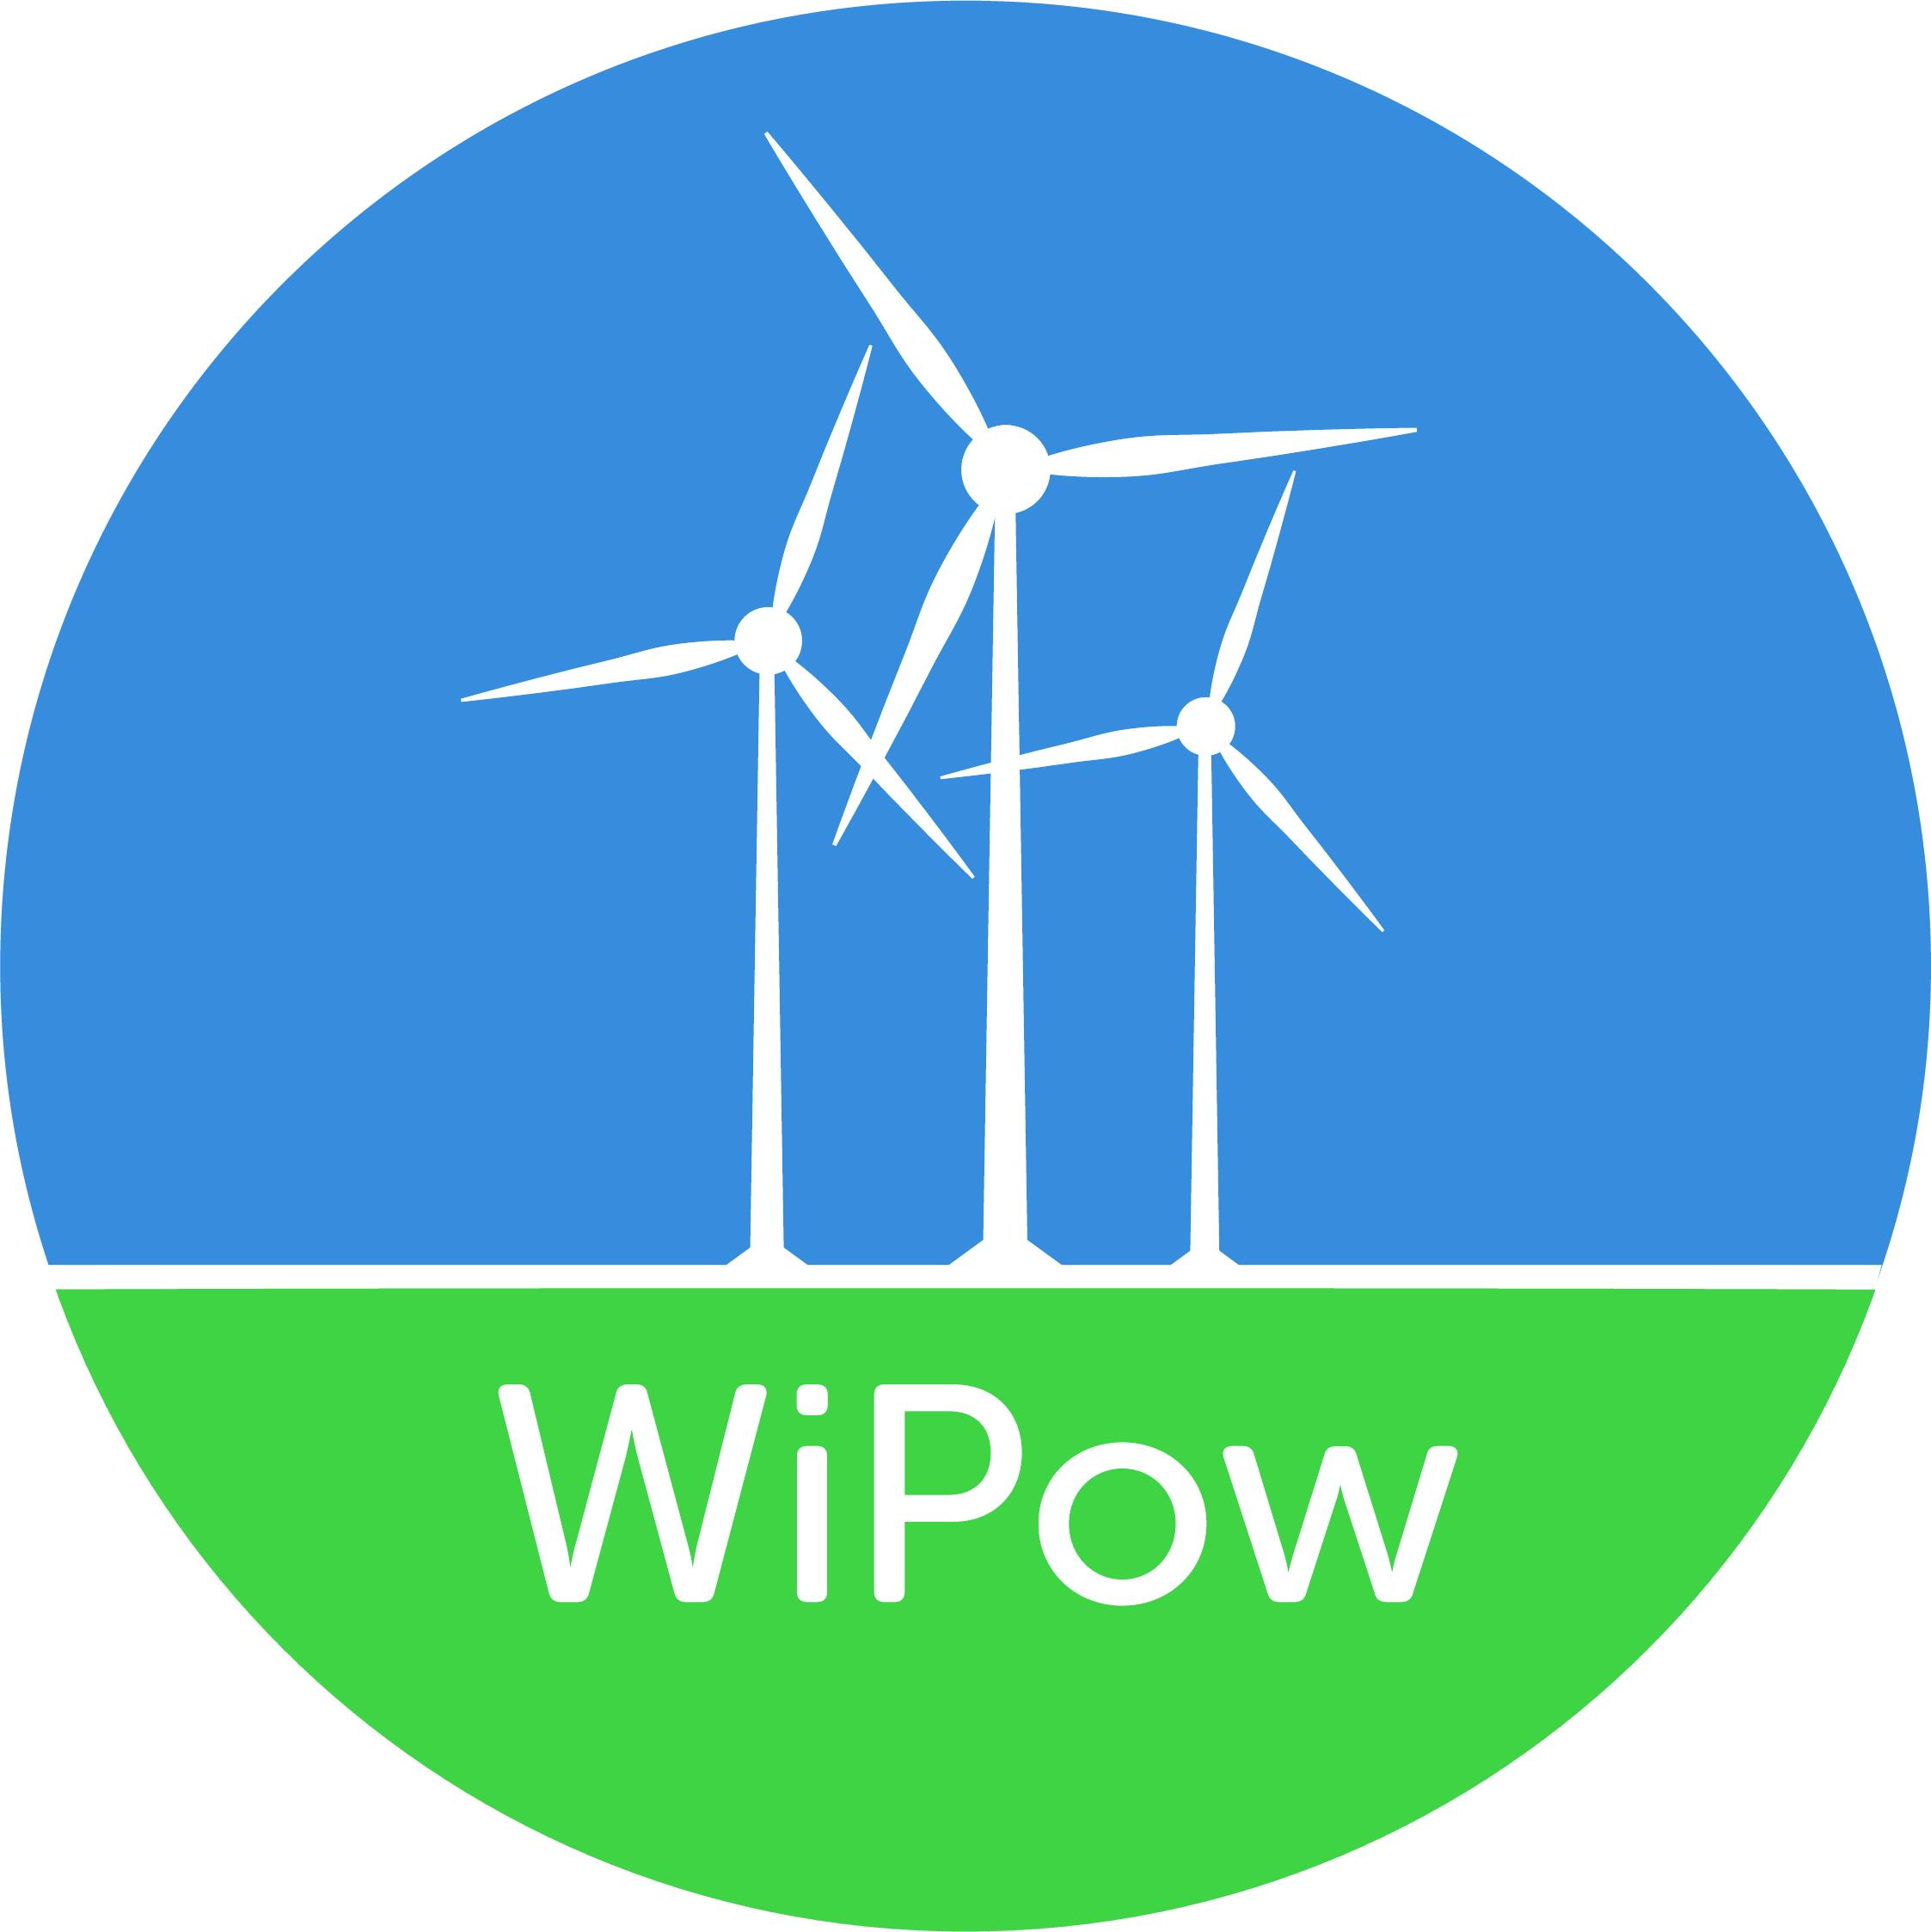 Logo WiPow med tekst og vindmøller